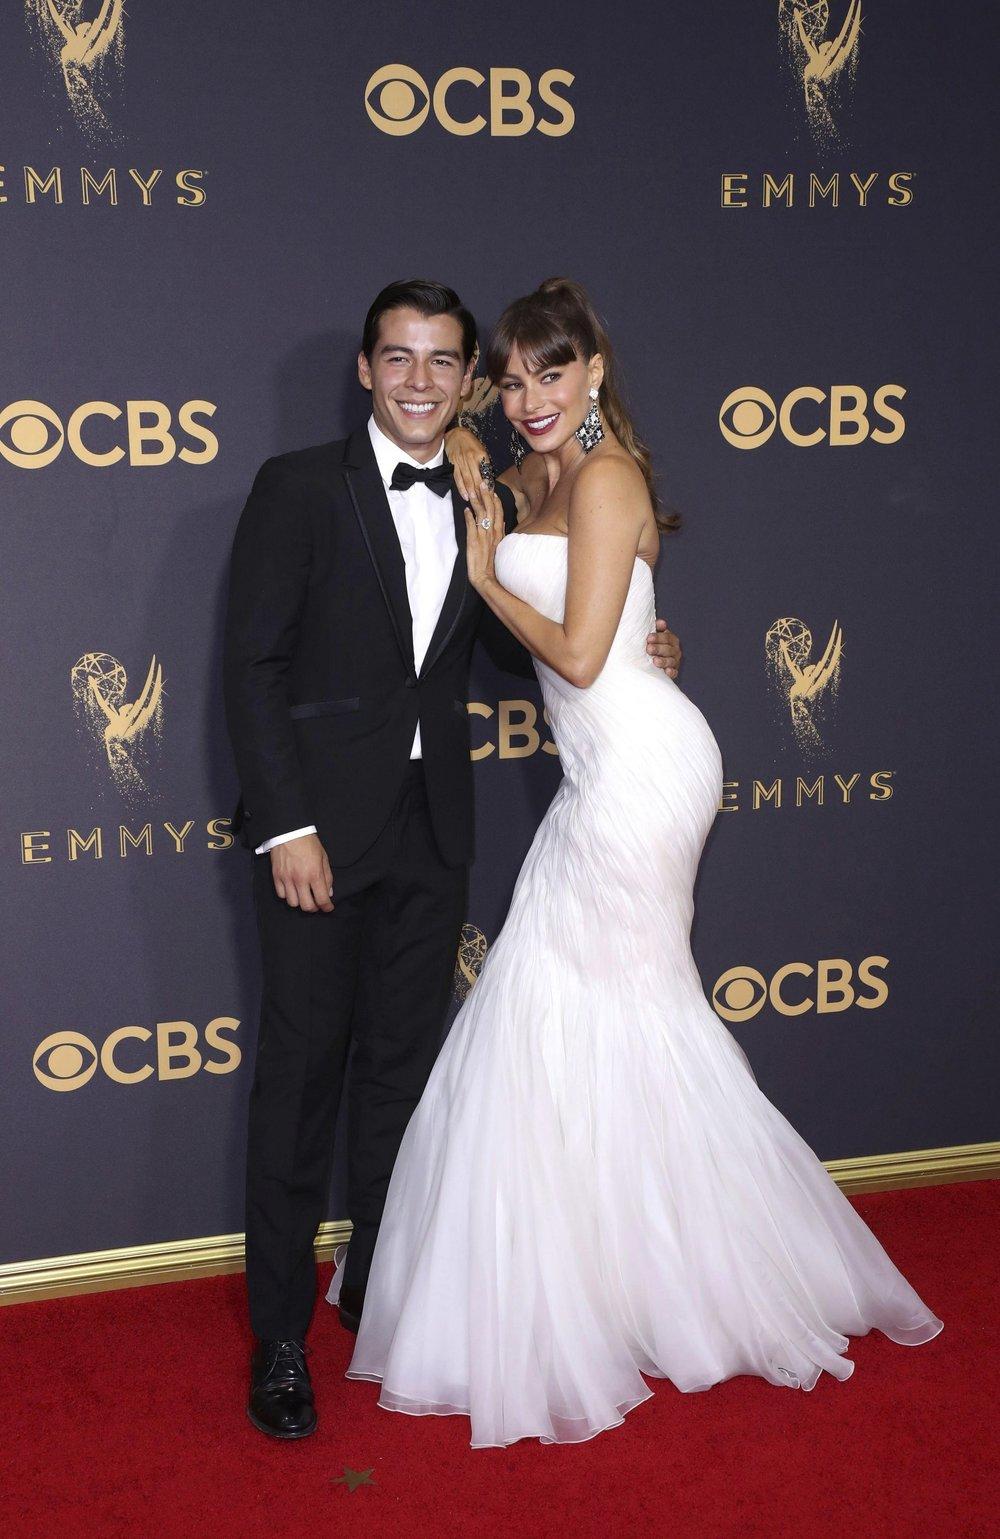 La actriz colombiana Sofía Vergara posa con su hijo Manolo González Vergara a su llegada a la 69 edición de los Emmy en el Teatro Microsoft de Los Ángeles, California (EE.UU), el 17 de septiembre de 2017.